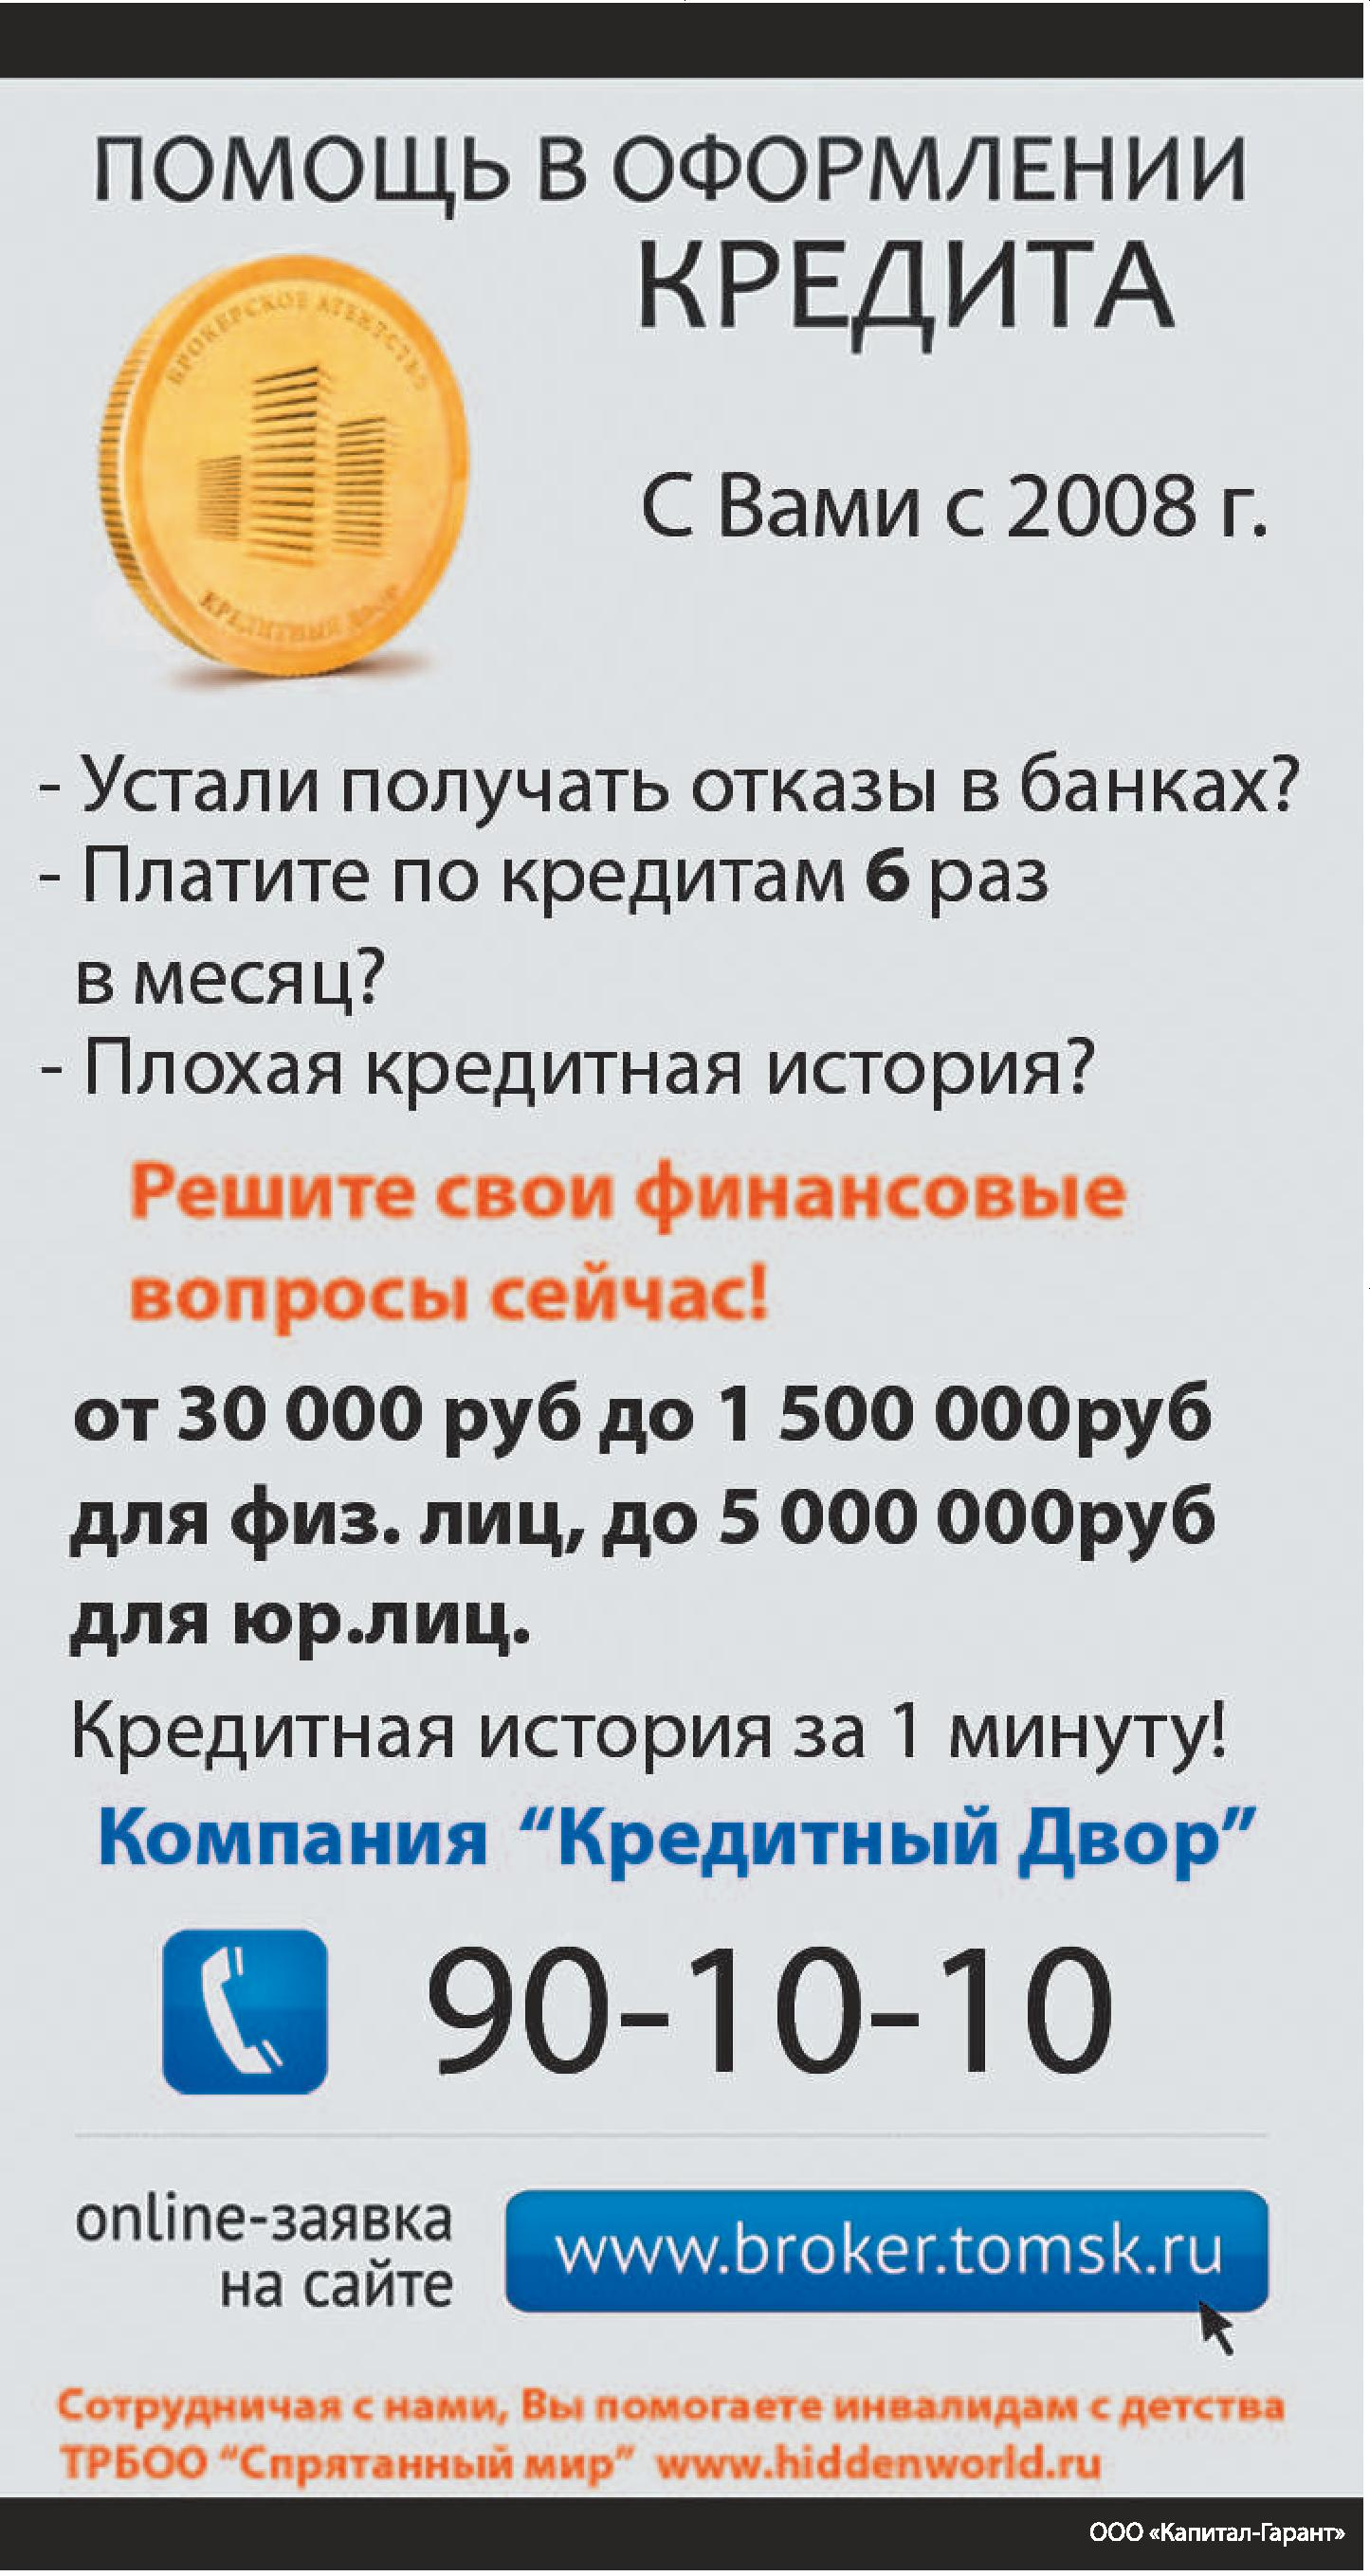 Взять займ без отказа на карту мгновенно в Киеве, срочный